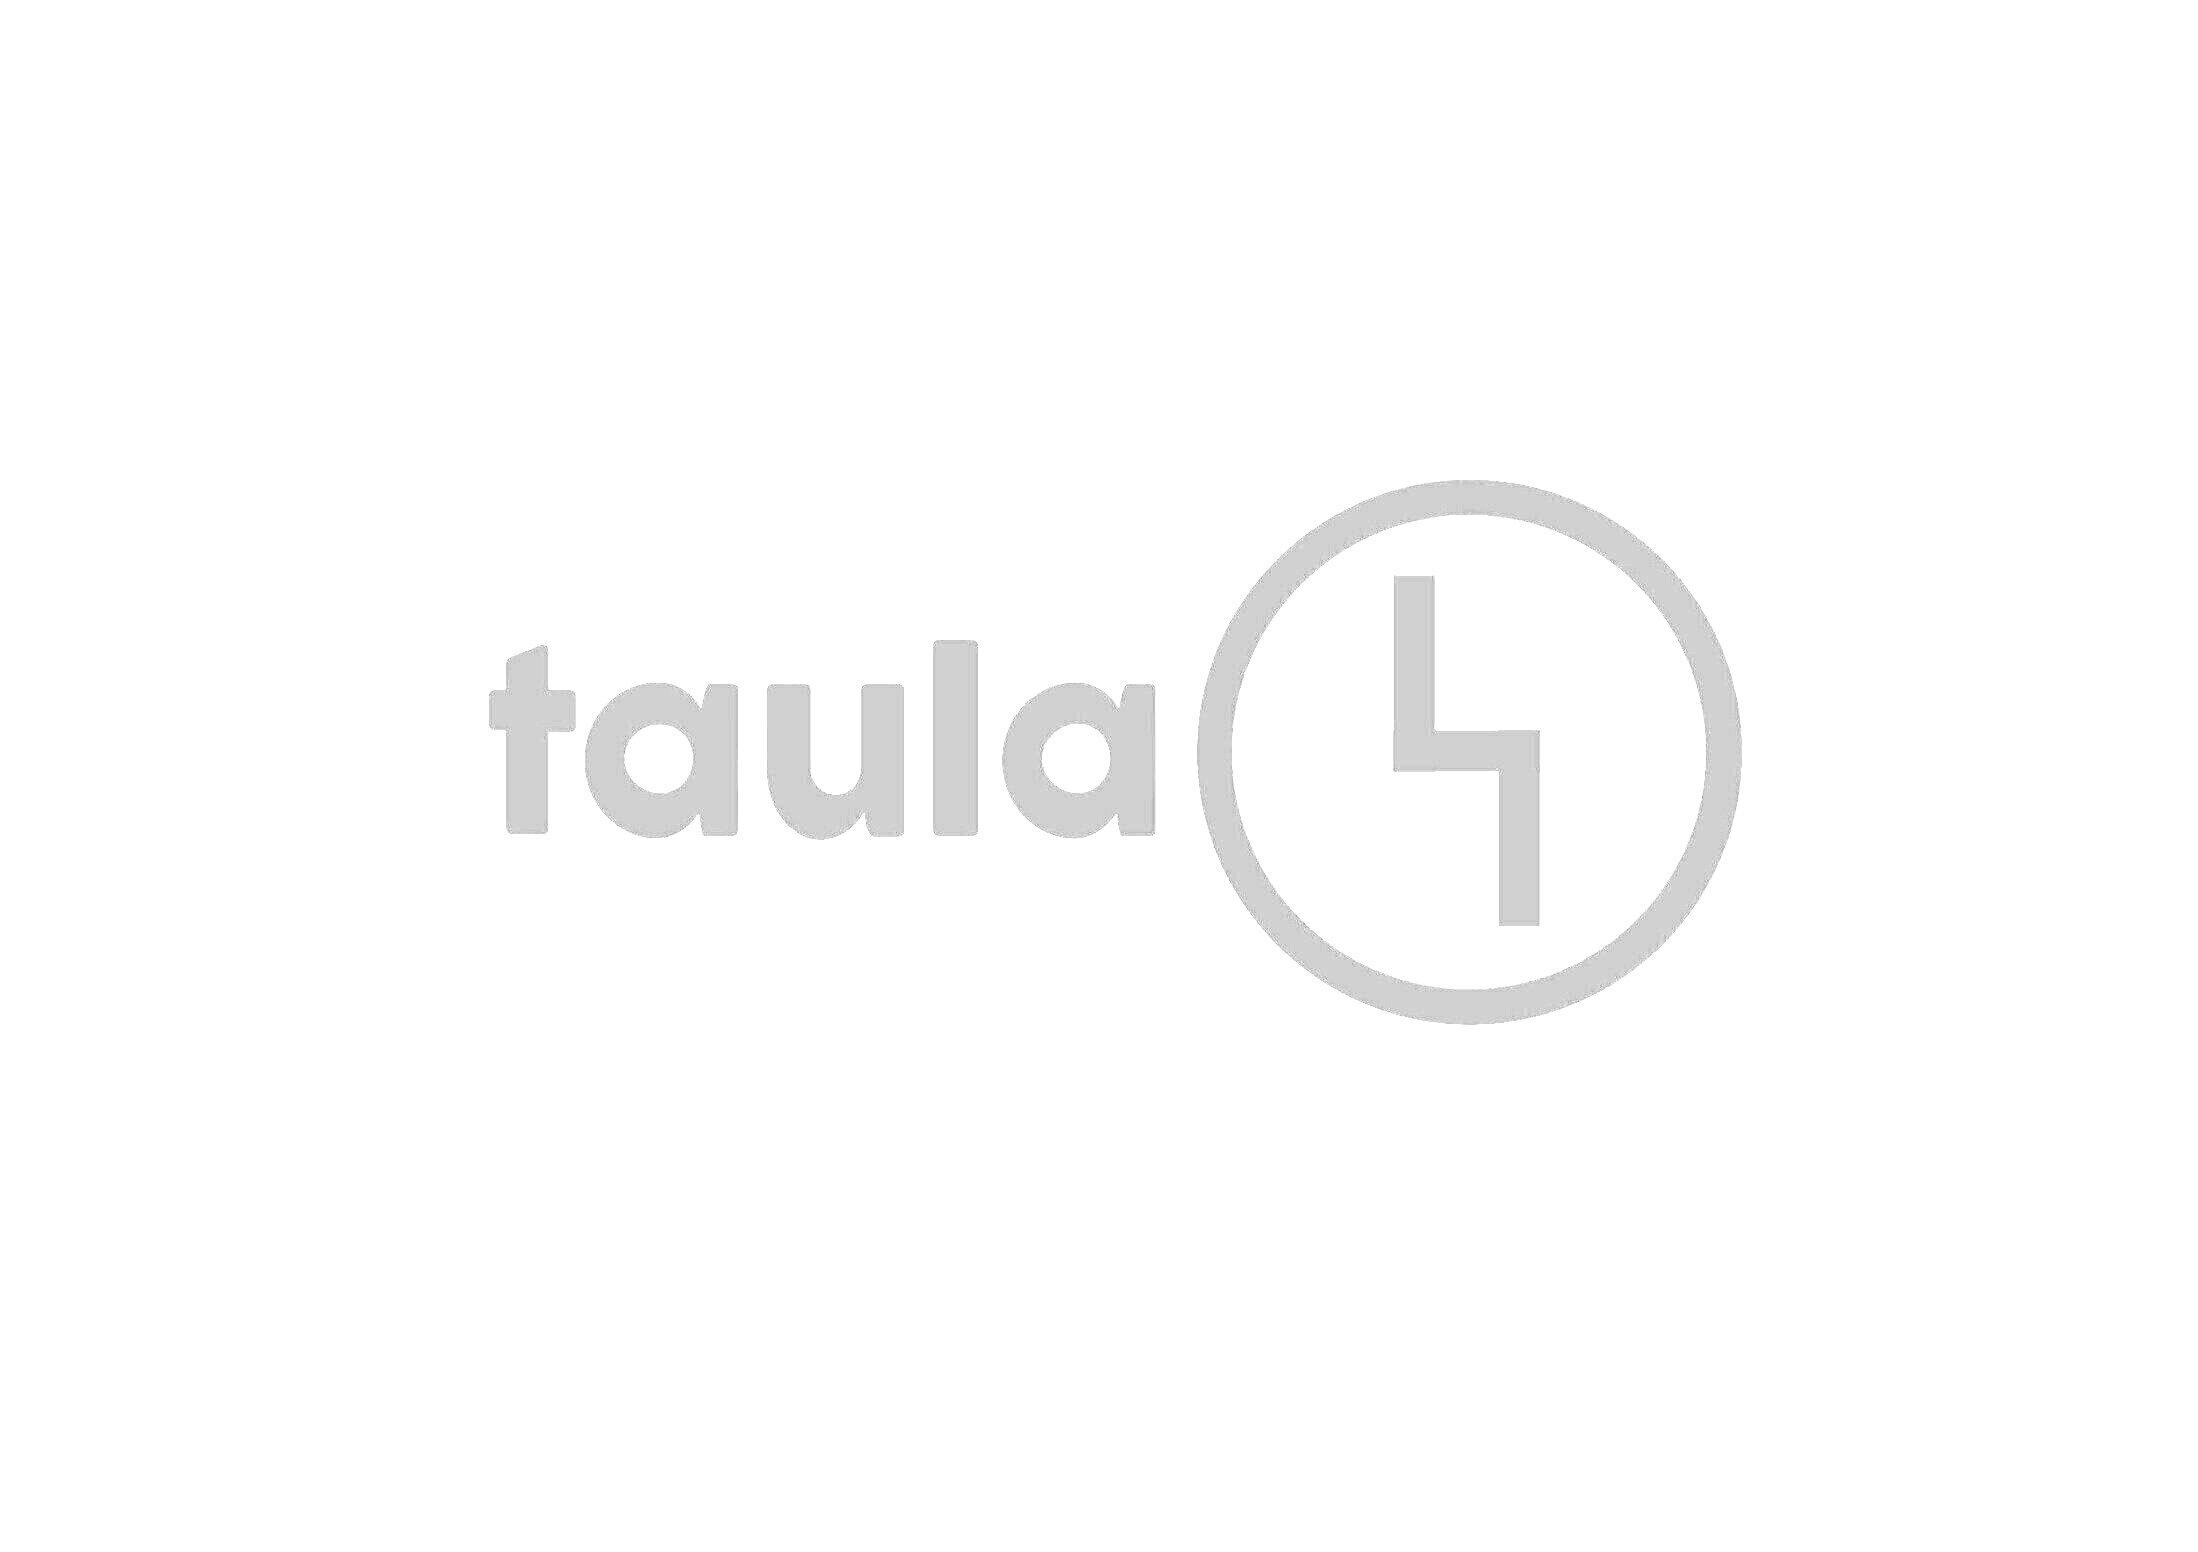 Logo taula4.jpg